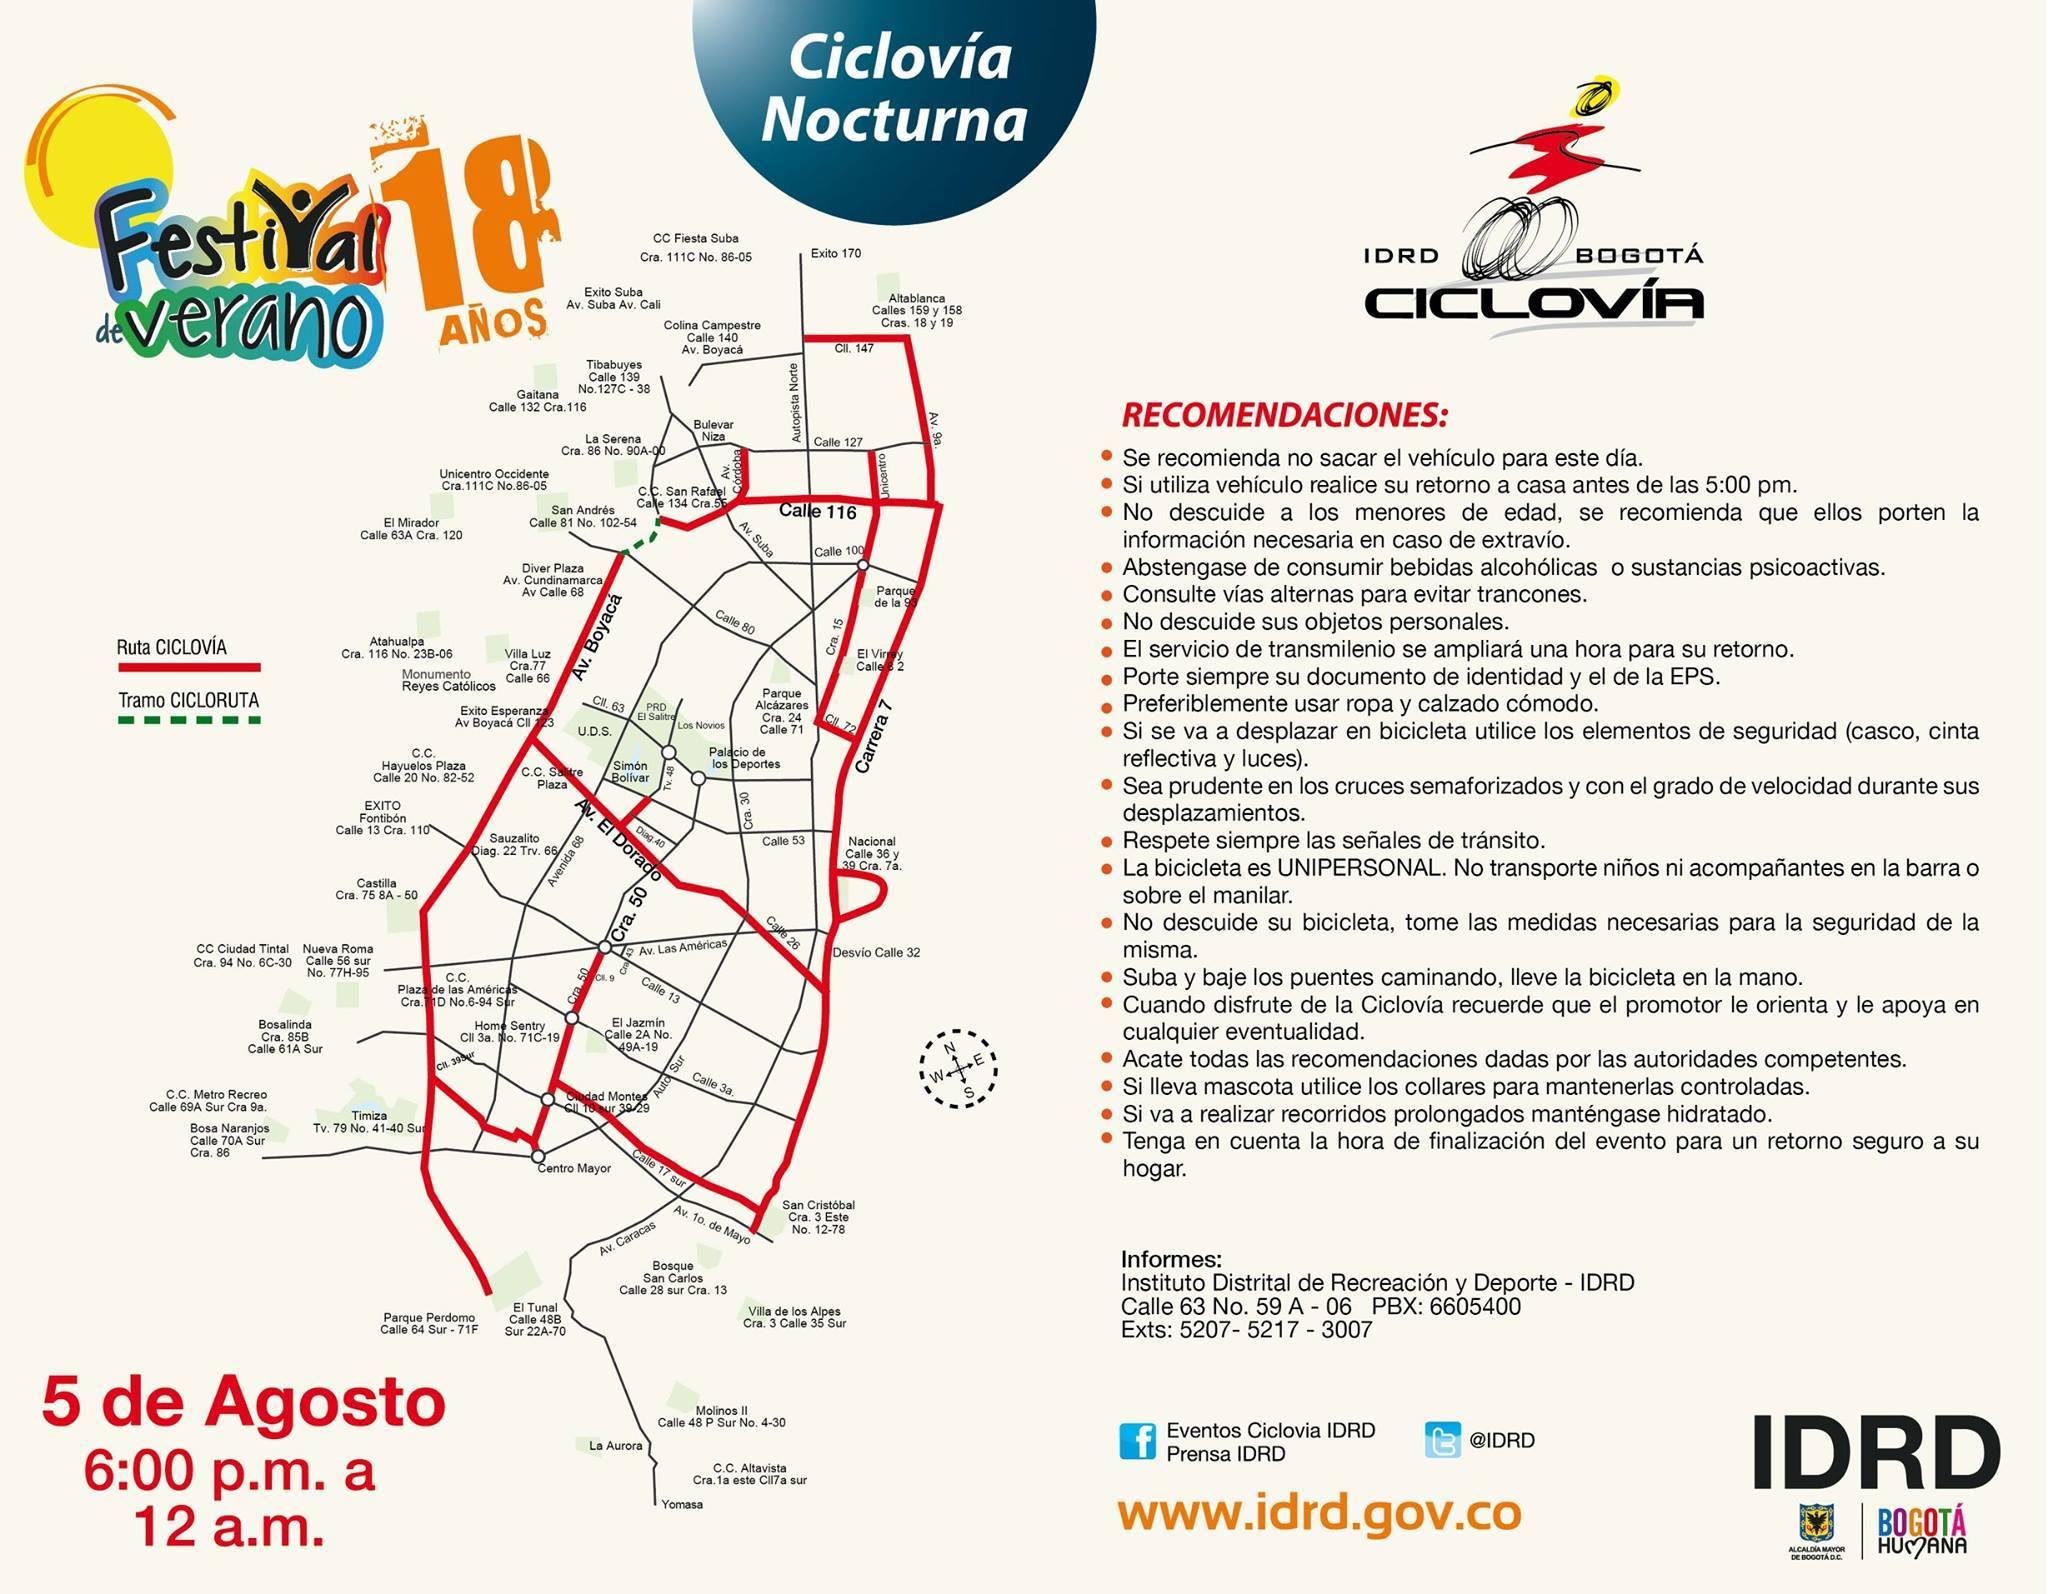 Mapa ciclovía nocturna 2014